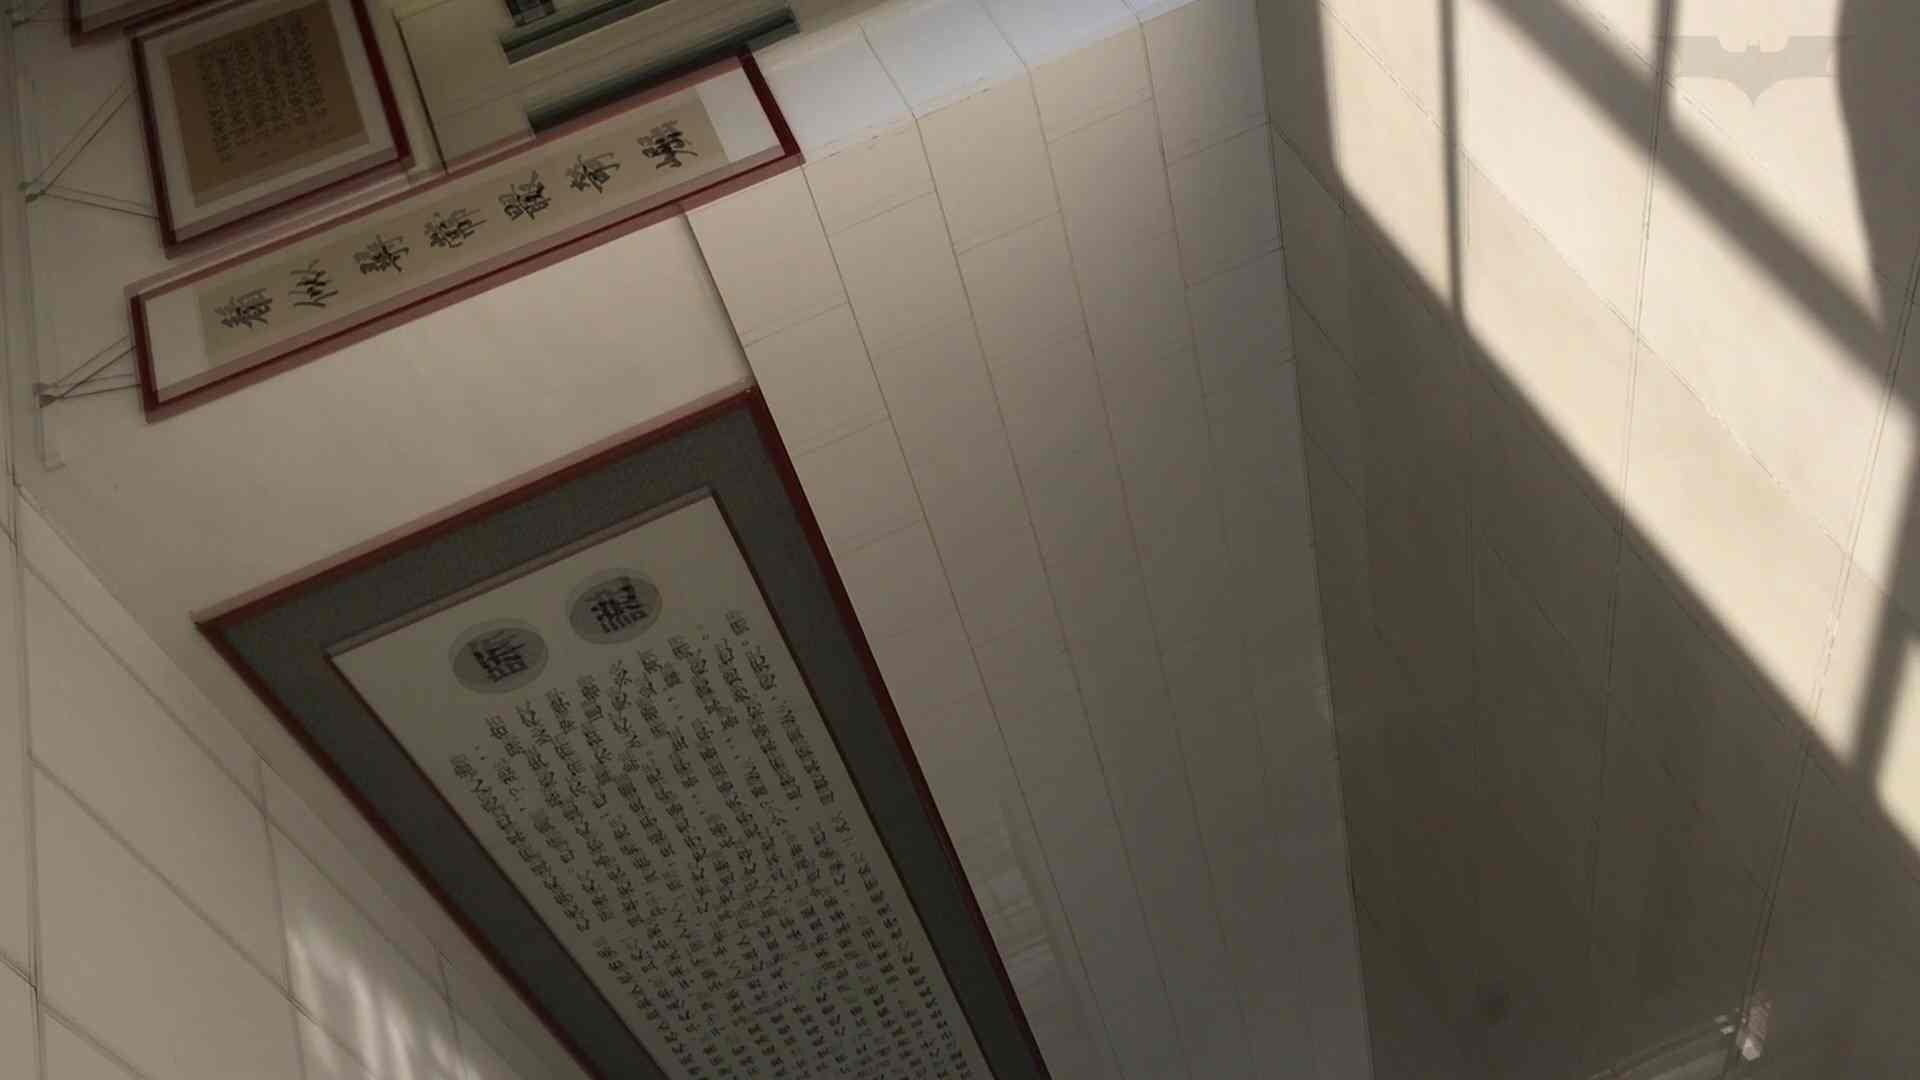 芸術大学ガチ潜入盗撮 JD盗撮 美女の洗面所の秘密 Vol.91 OLのボディ 盗み撮り動画キャプチャ 58PIX 14